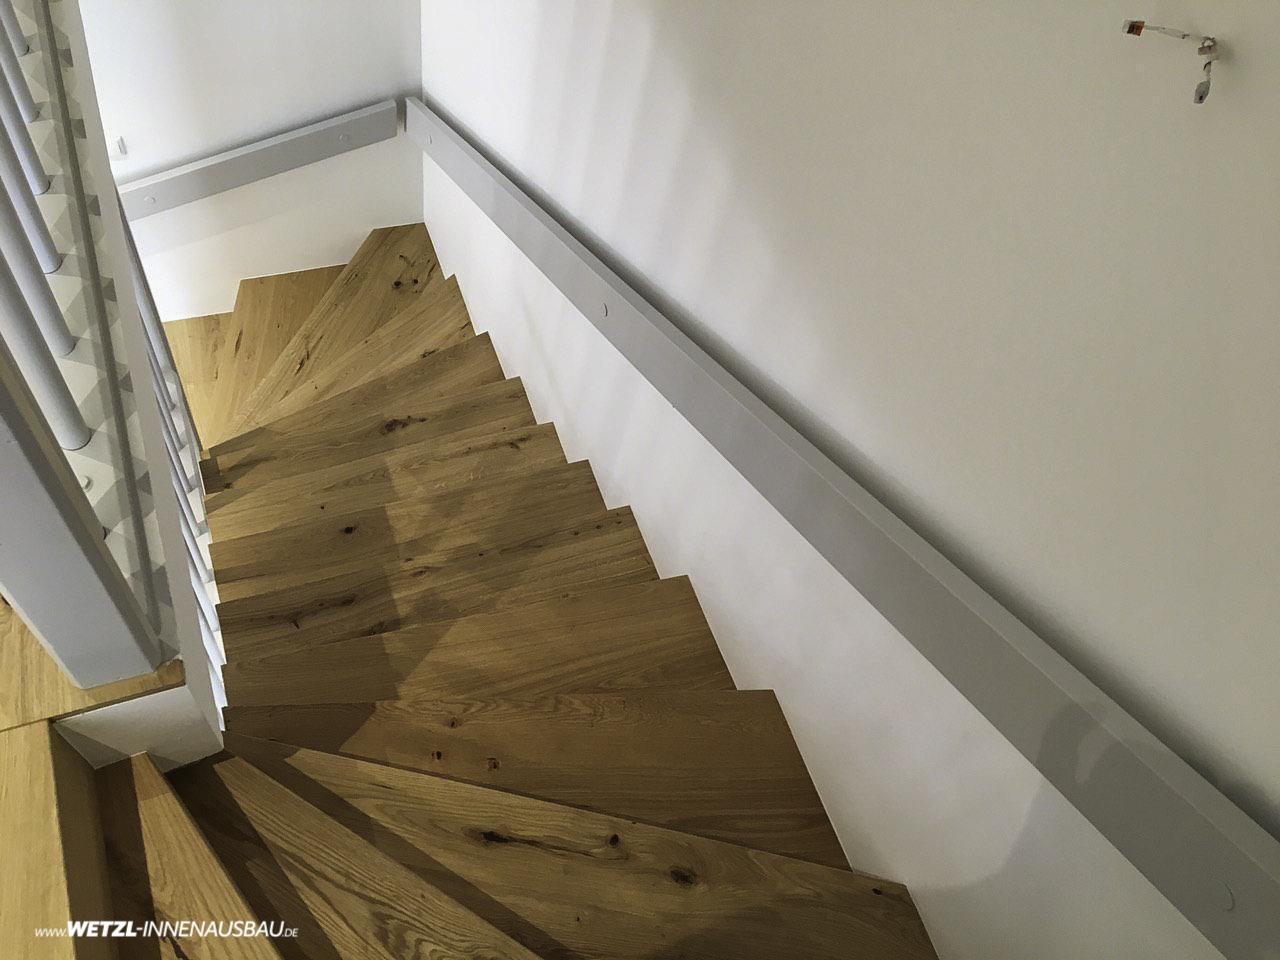 https://wetzl-innenausbau.de/wp-content/uploads/2020/07/wetzl-innenausbau_münchen_treppenhaus-erneuert-7.jpg